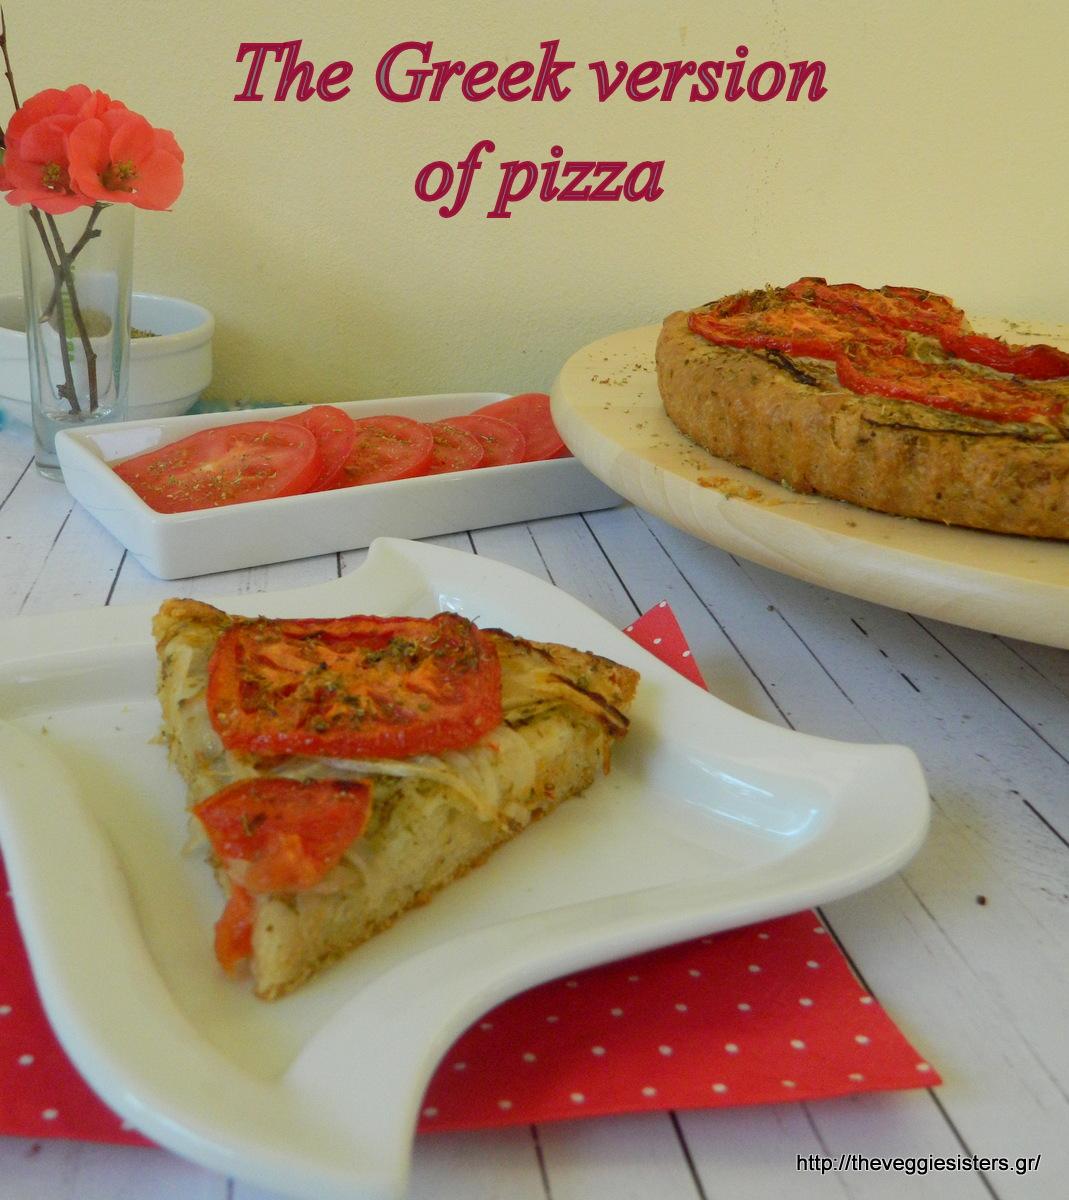 Λαδένια Κιμώλου - Ladenia, the greek version of pizza